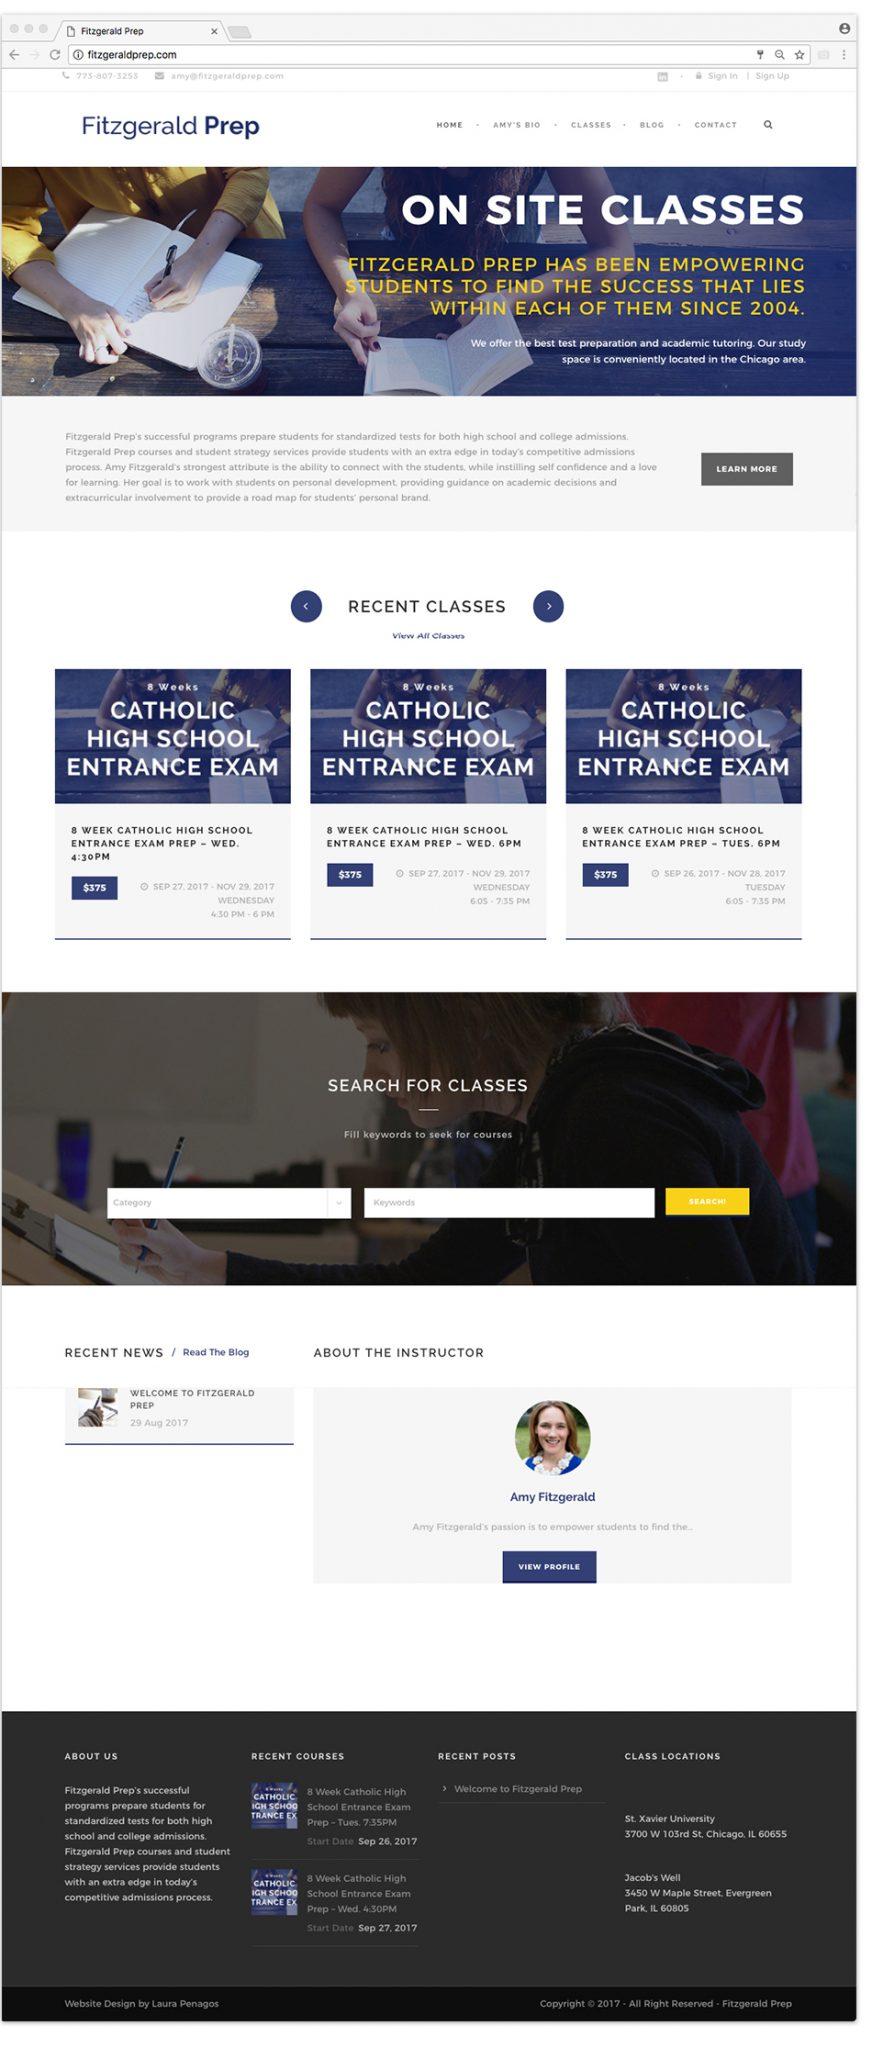 FitzgeraldPrep Website